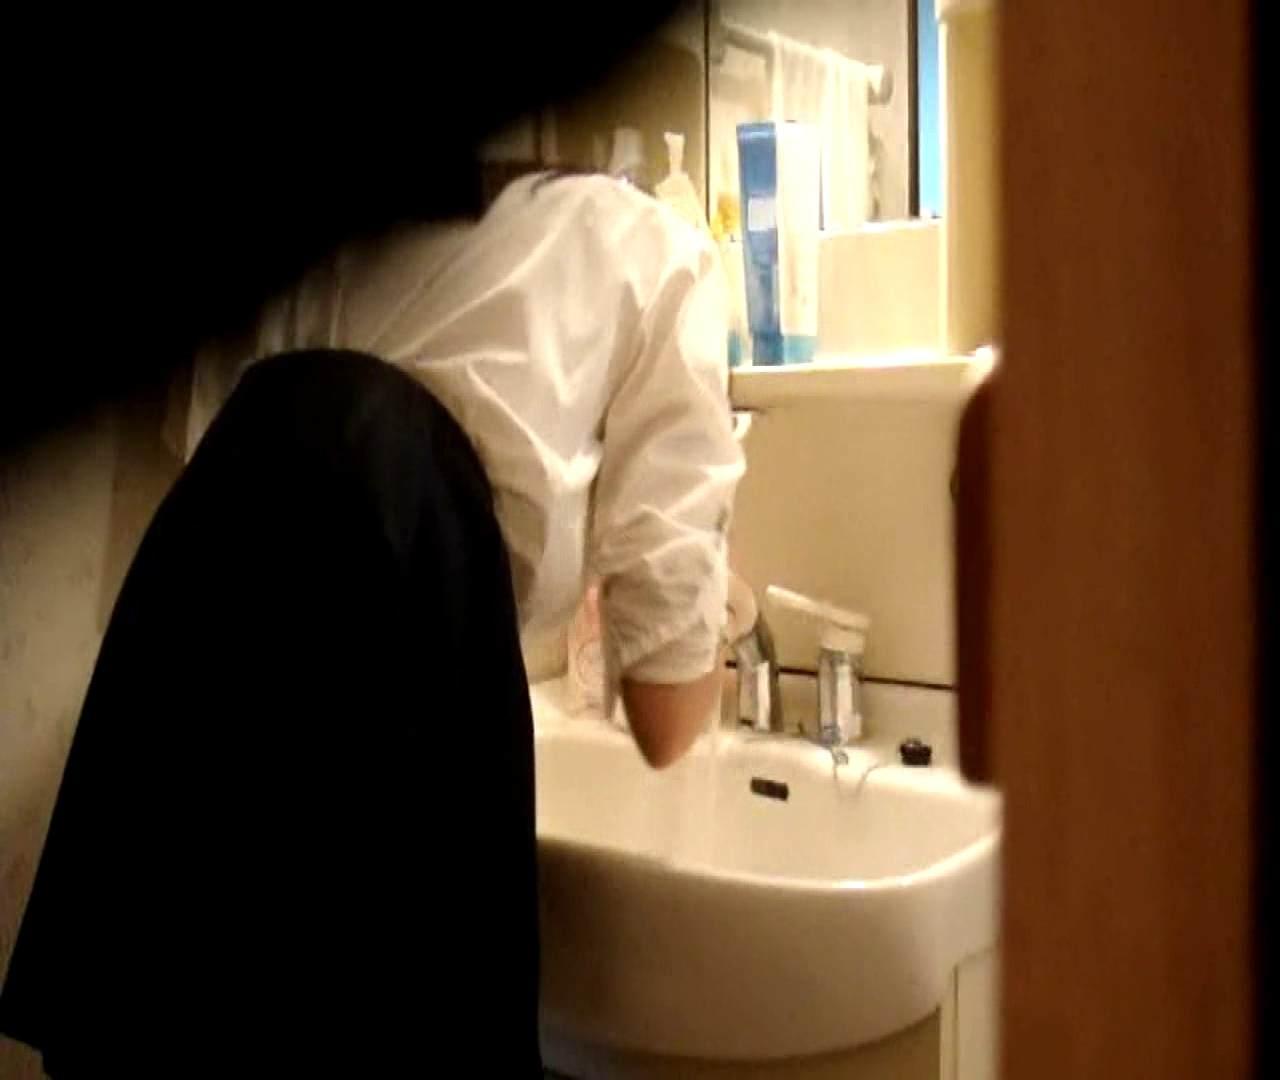 二人とも育てた甲斐がありました… vol.05 まどかが洗顔後にブラを洗濯 美しいOLの裸体 | 0  102pic 61